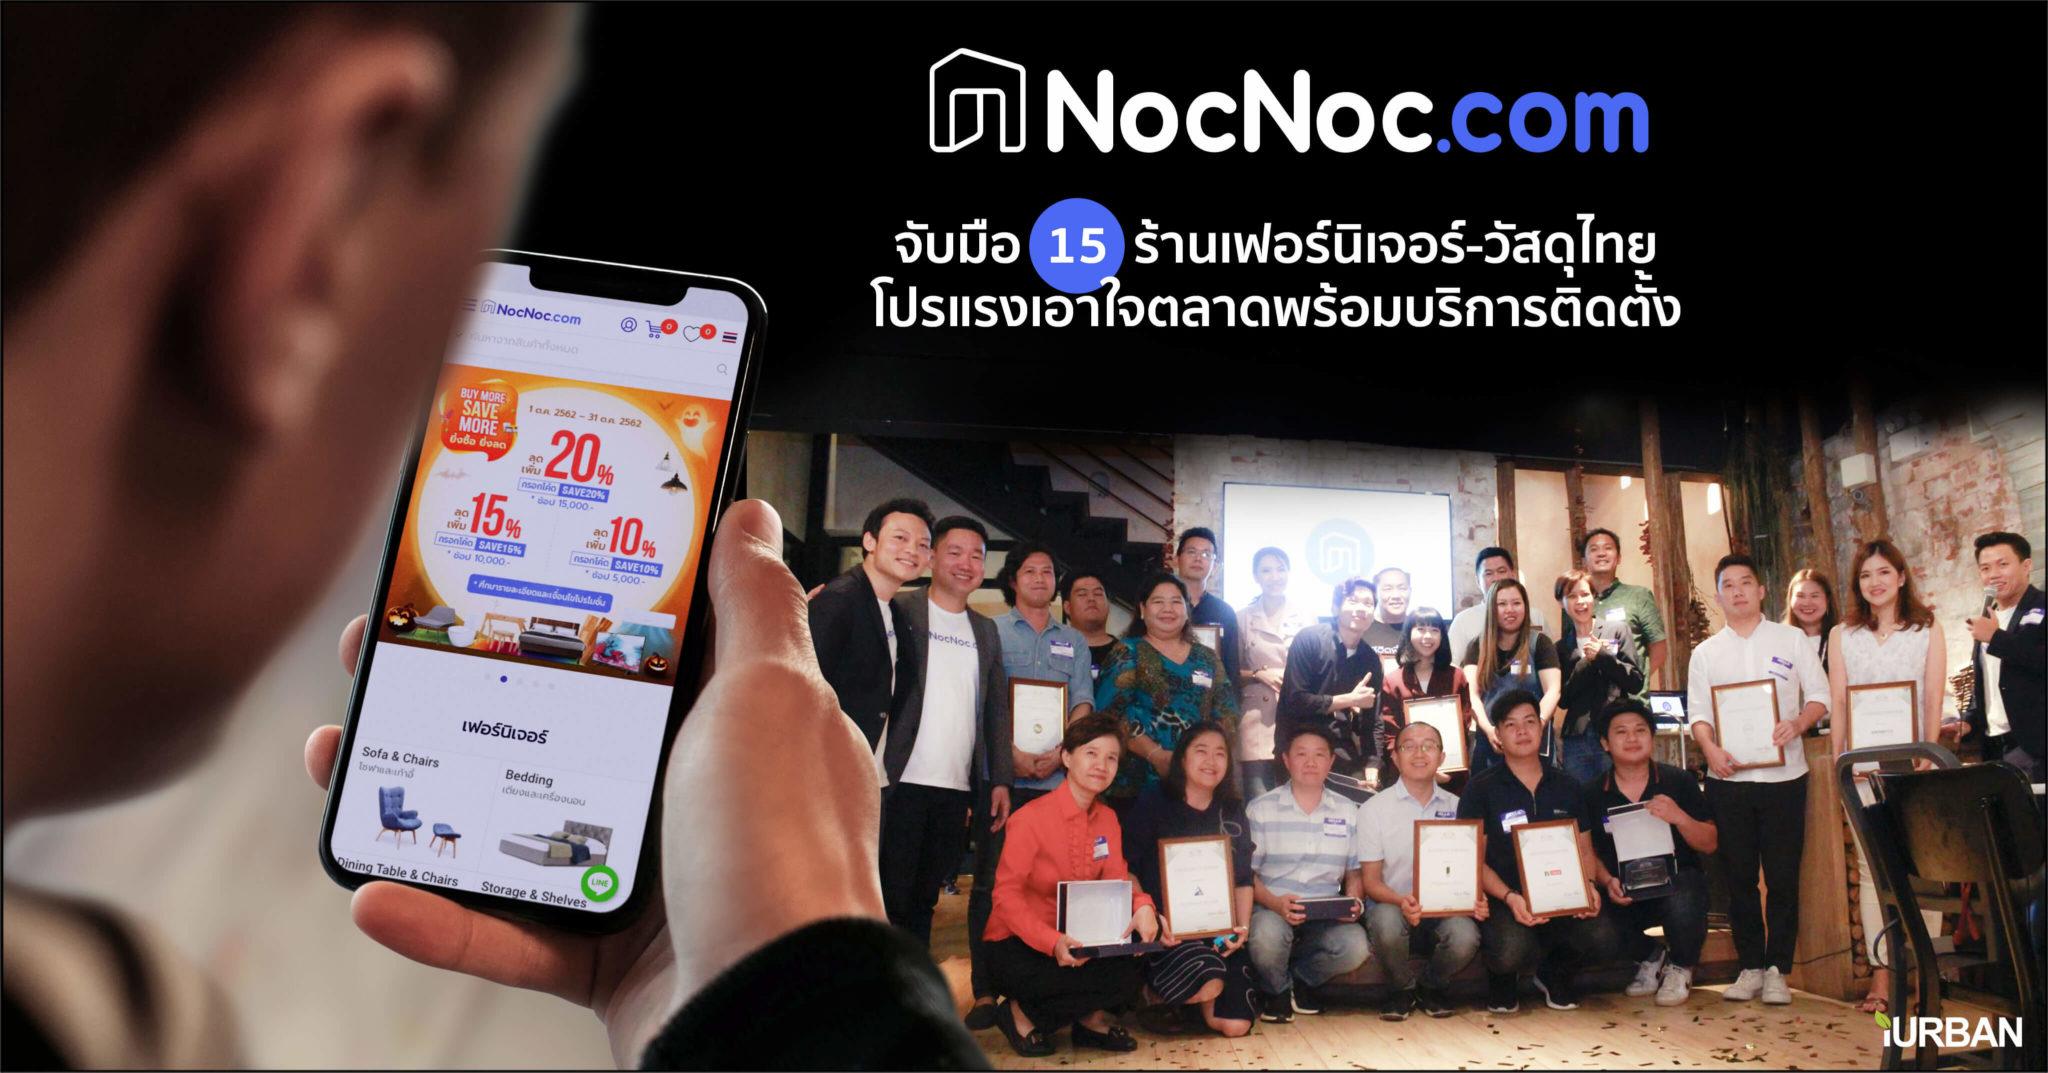 """15 แบรนด์ดัง """"วัสดุและของแต่งบ้าน"""" เล็งเห็นโอกาสบนโลกออนไลน์ ร่วมมือ NocNoc.com แหล่งรวมร้านค้าสำหรับคนรักบ้าน 12 - Marketplace"""